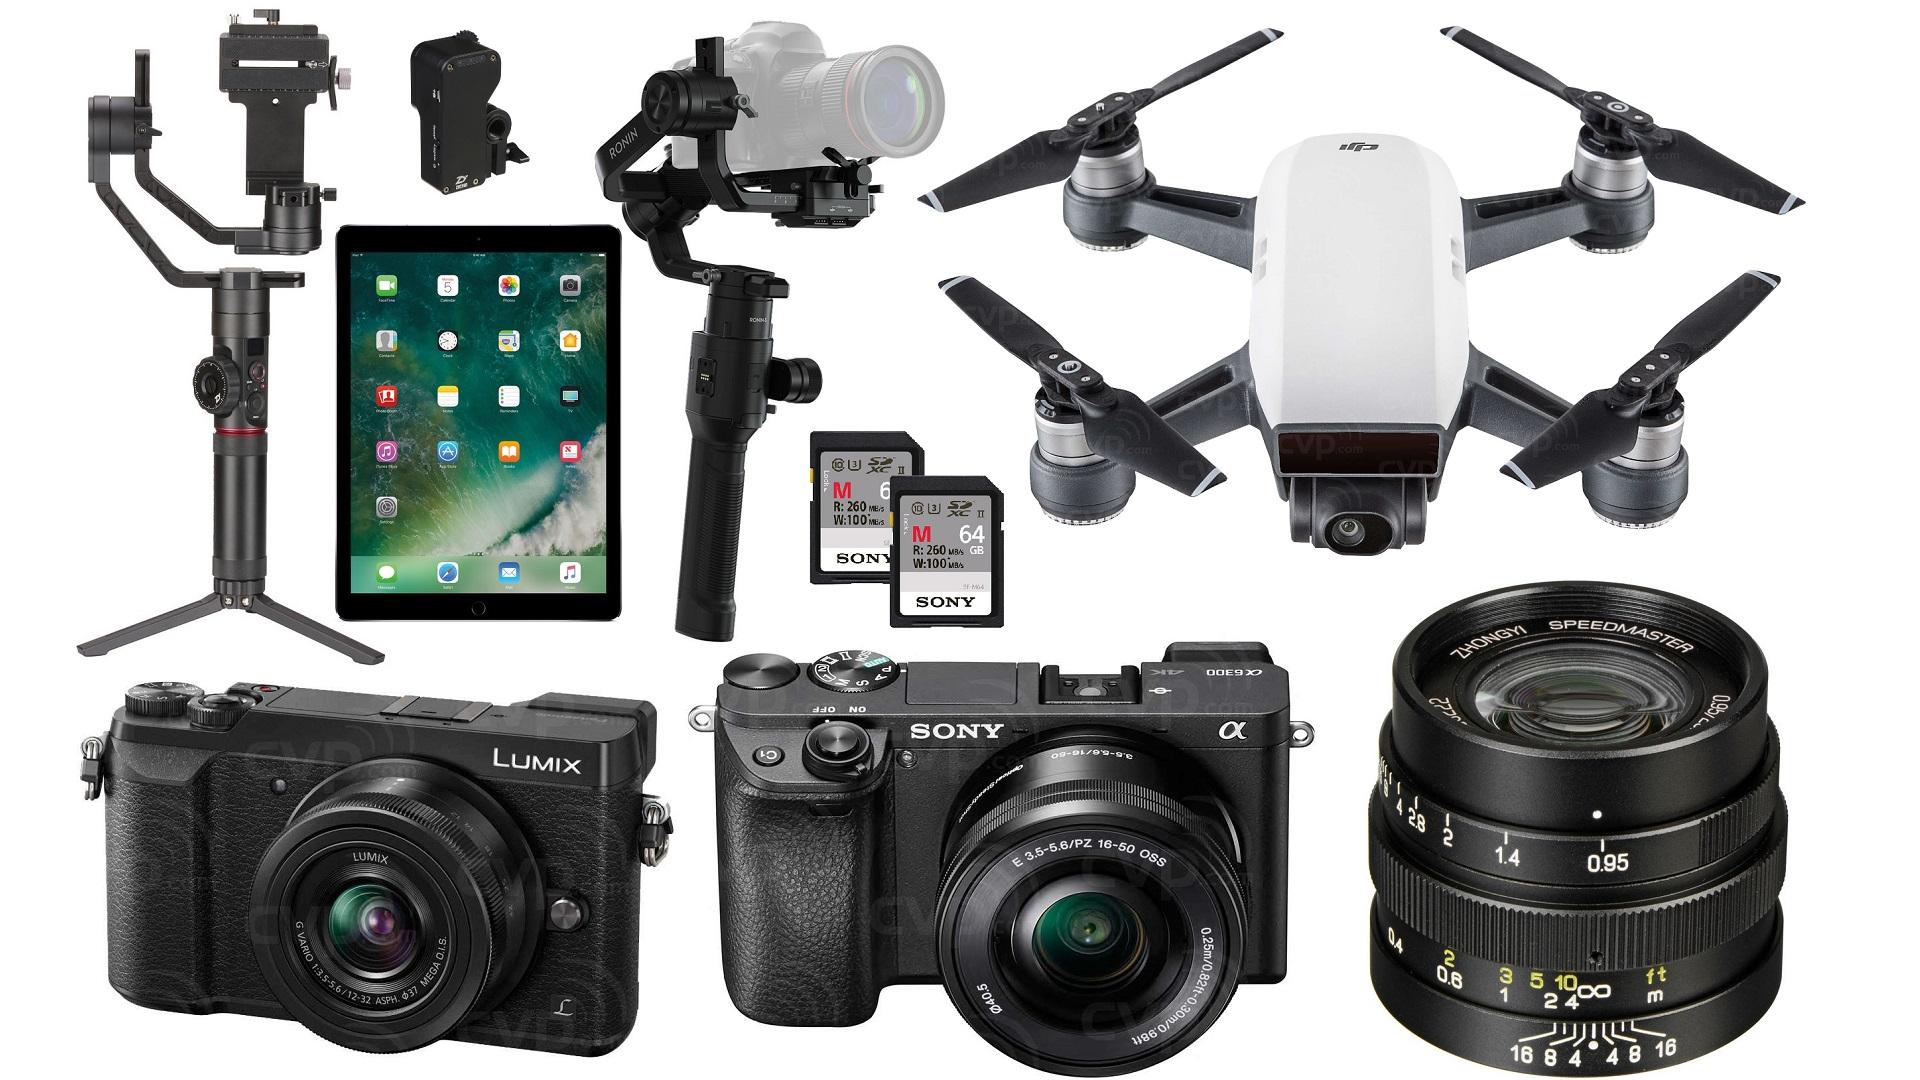 Las 10 mejores ofertas navideñas de último momento para cineastas: Ronin-S, Crane 2, iPad Pro, DJI Spark y más